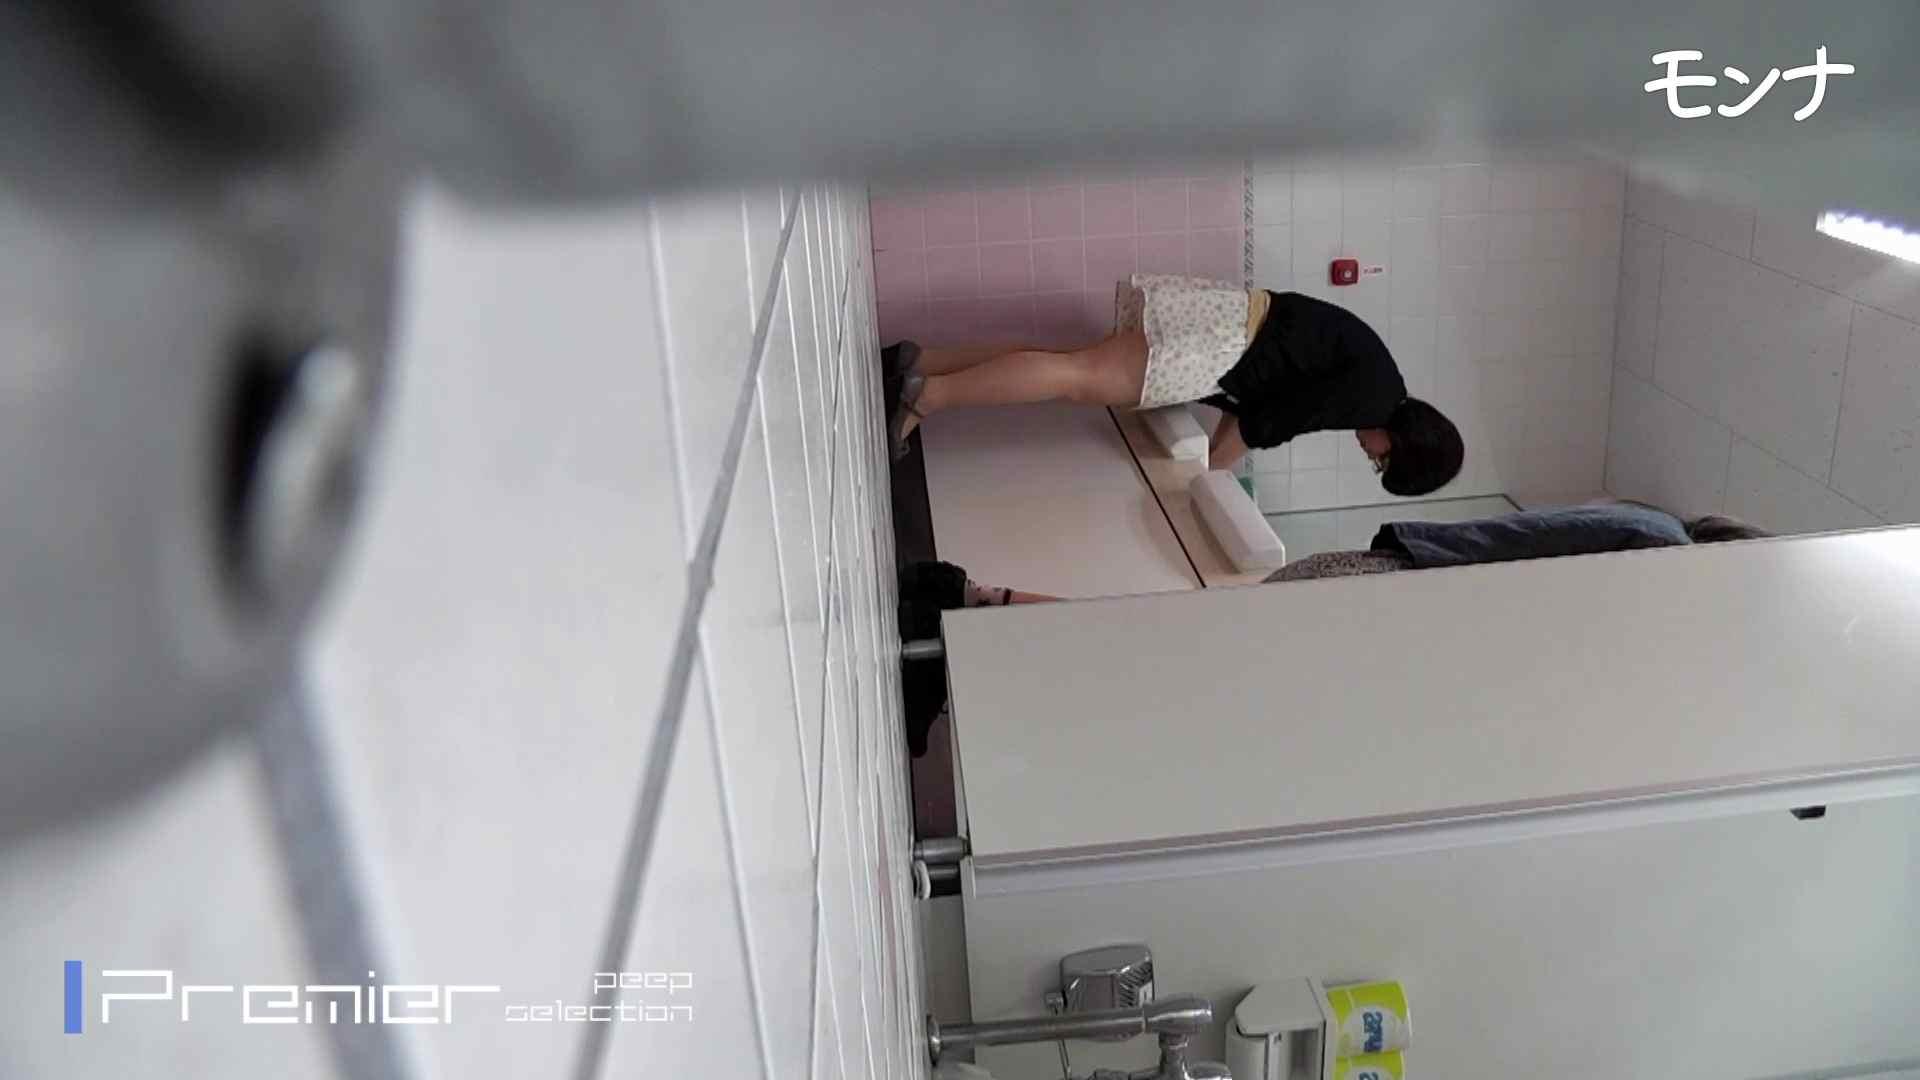 美しい日本の未来 No.85 洗面所のぞき アダルト動画キャプチャ 97枚 96